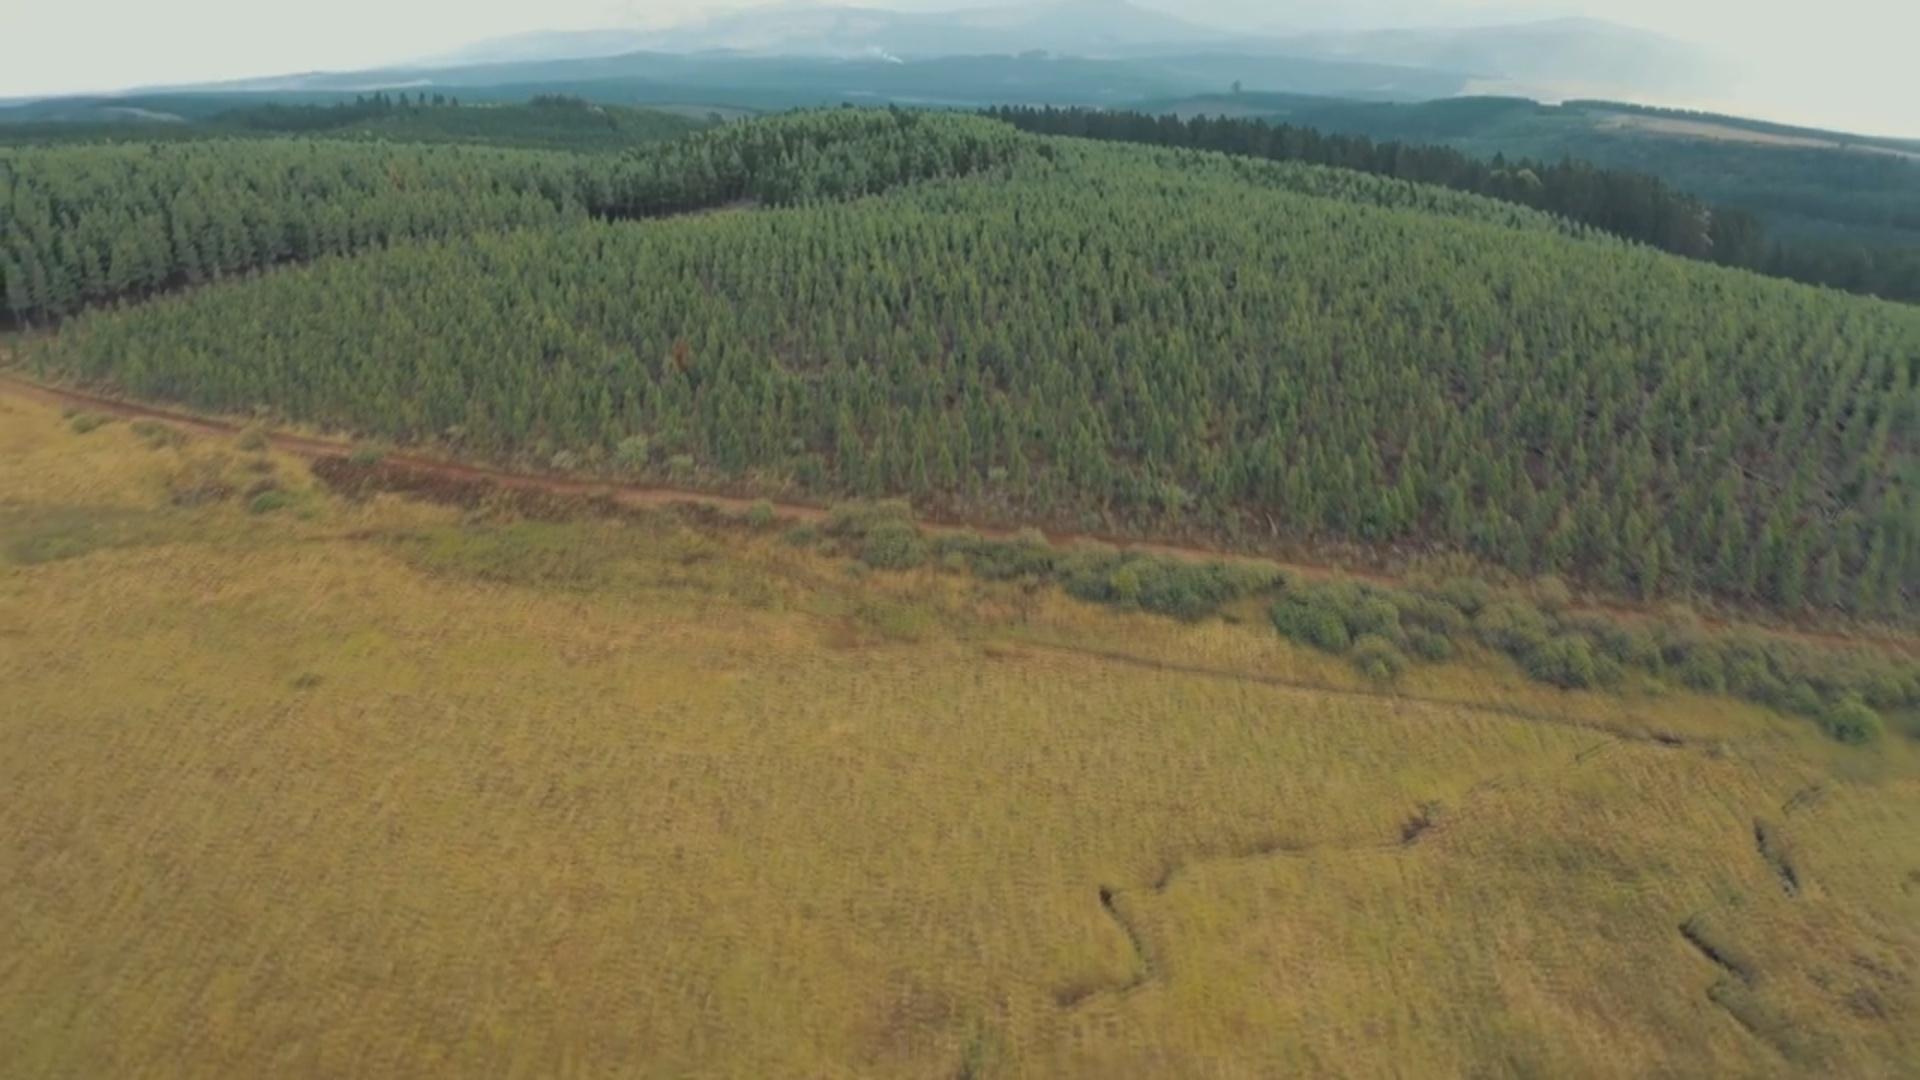 Böyük Britaniyada aparılan araşdırma:  Hər üç ağac növündən biri məhv ola bilər